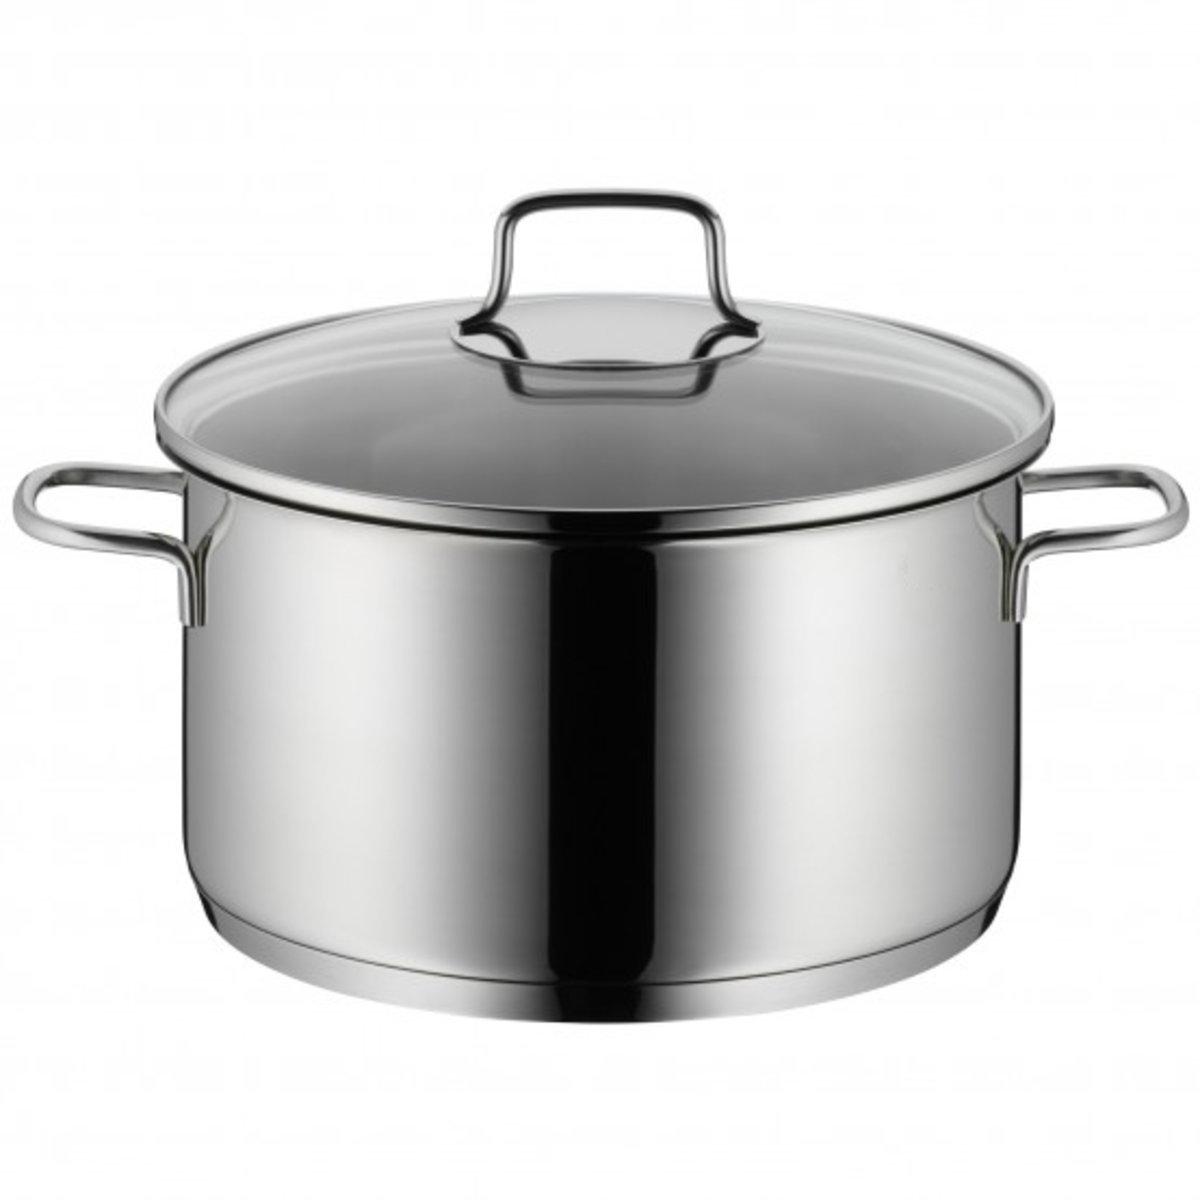 Φ24cm High casserole with lid (5.7L)